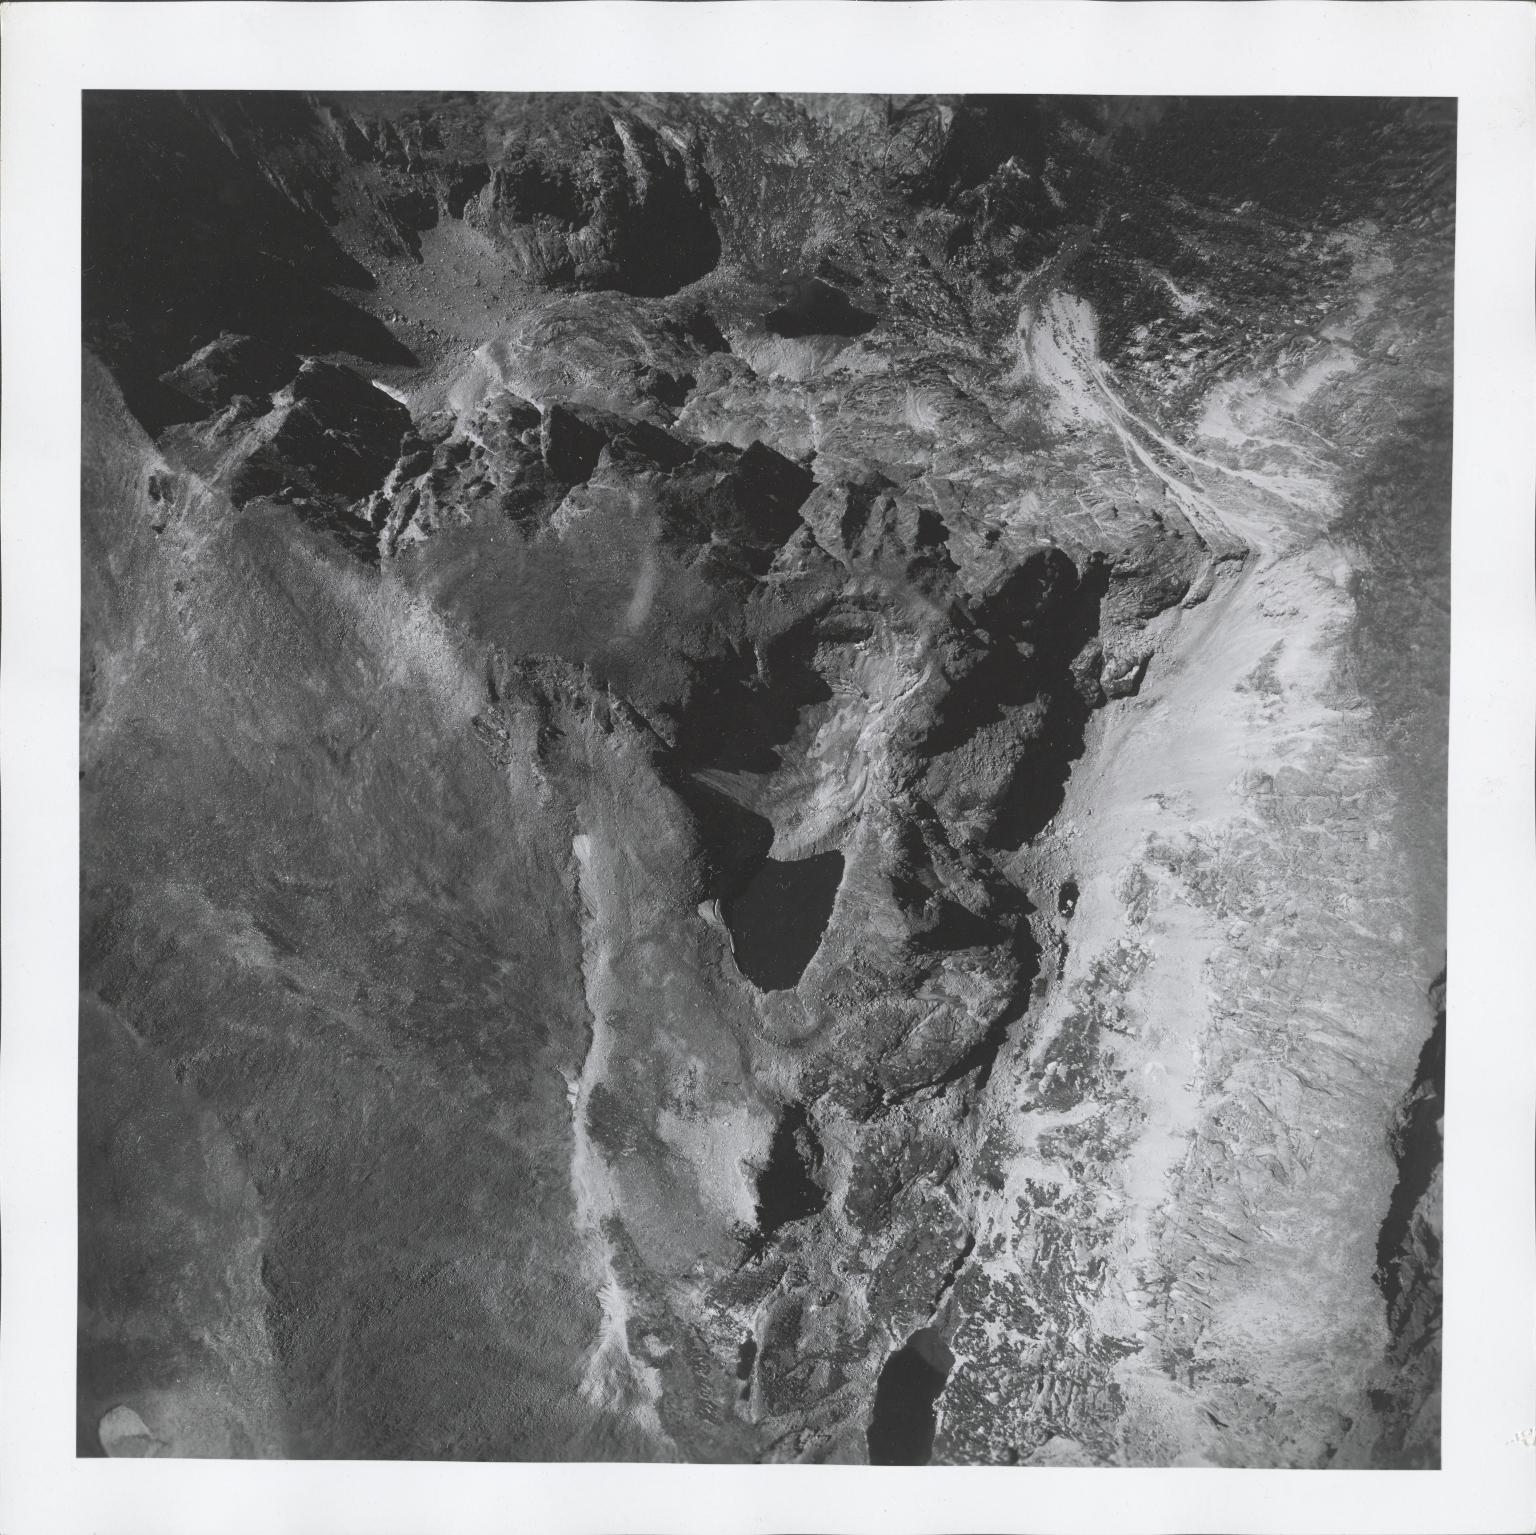 Moomaw Glacier, aerial photograph FAM 3120 11, Colorado